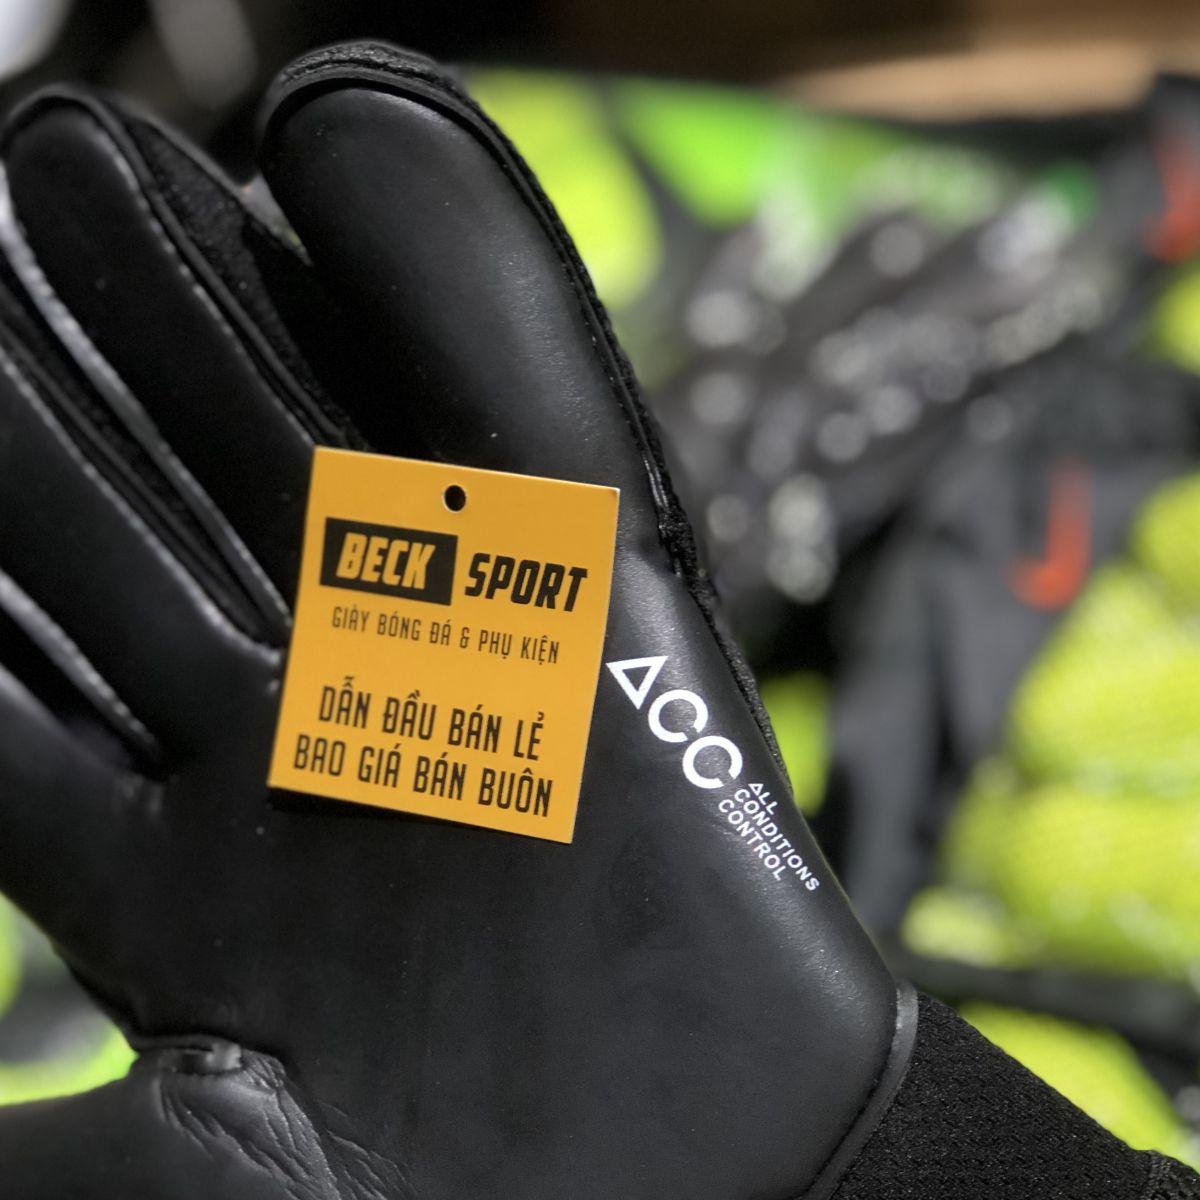 Găng Tay Nike Vapor Grip 3 Đen Tuyền ( Không Xương)